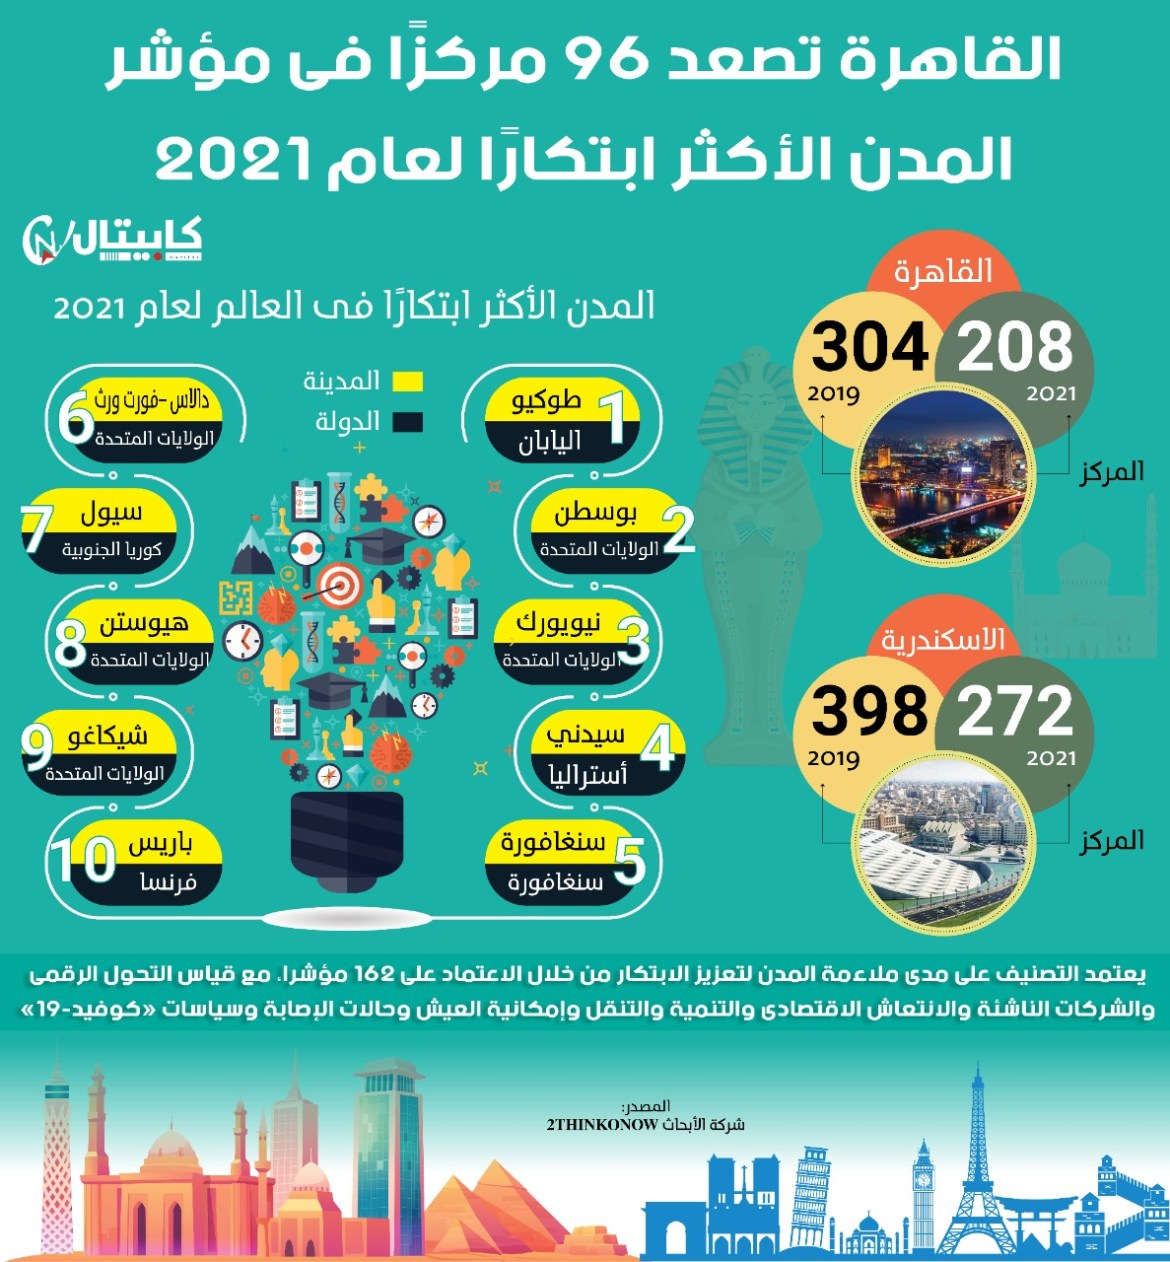 القاهرة تصعد 96 مركز قائمة المدن الأكثر ابتكارًا لعام 2021